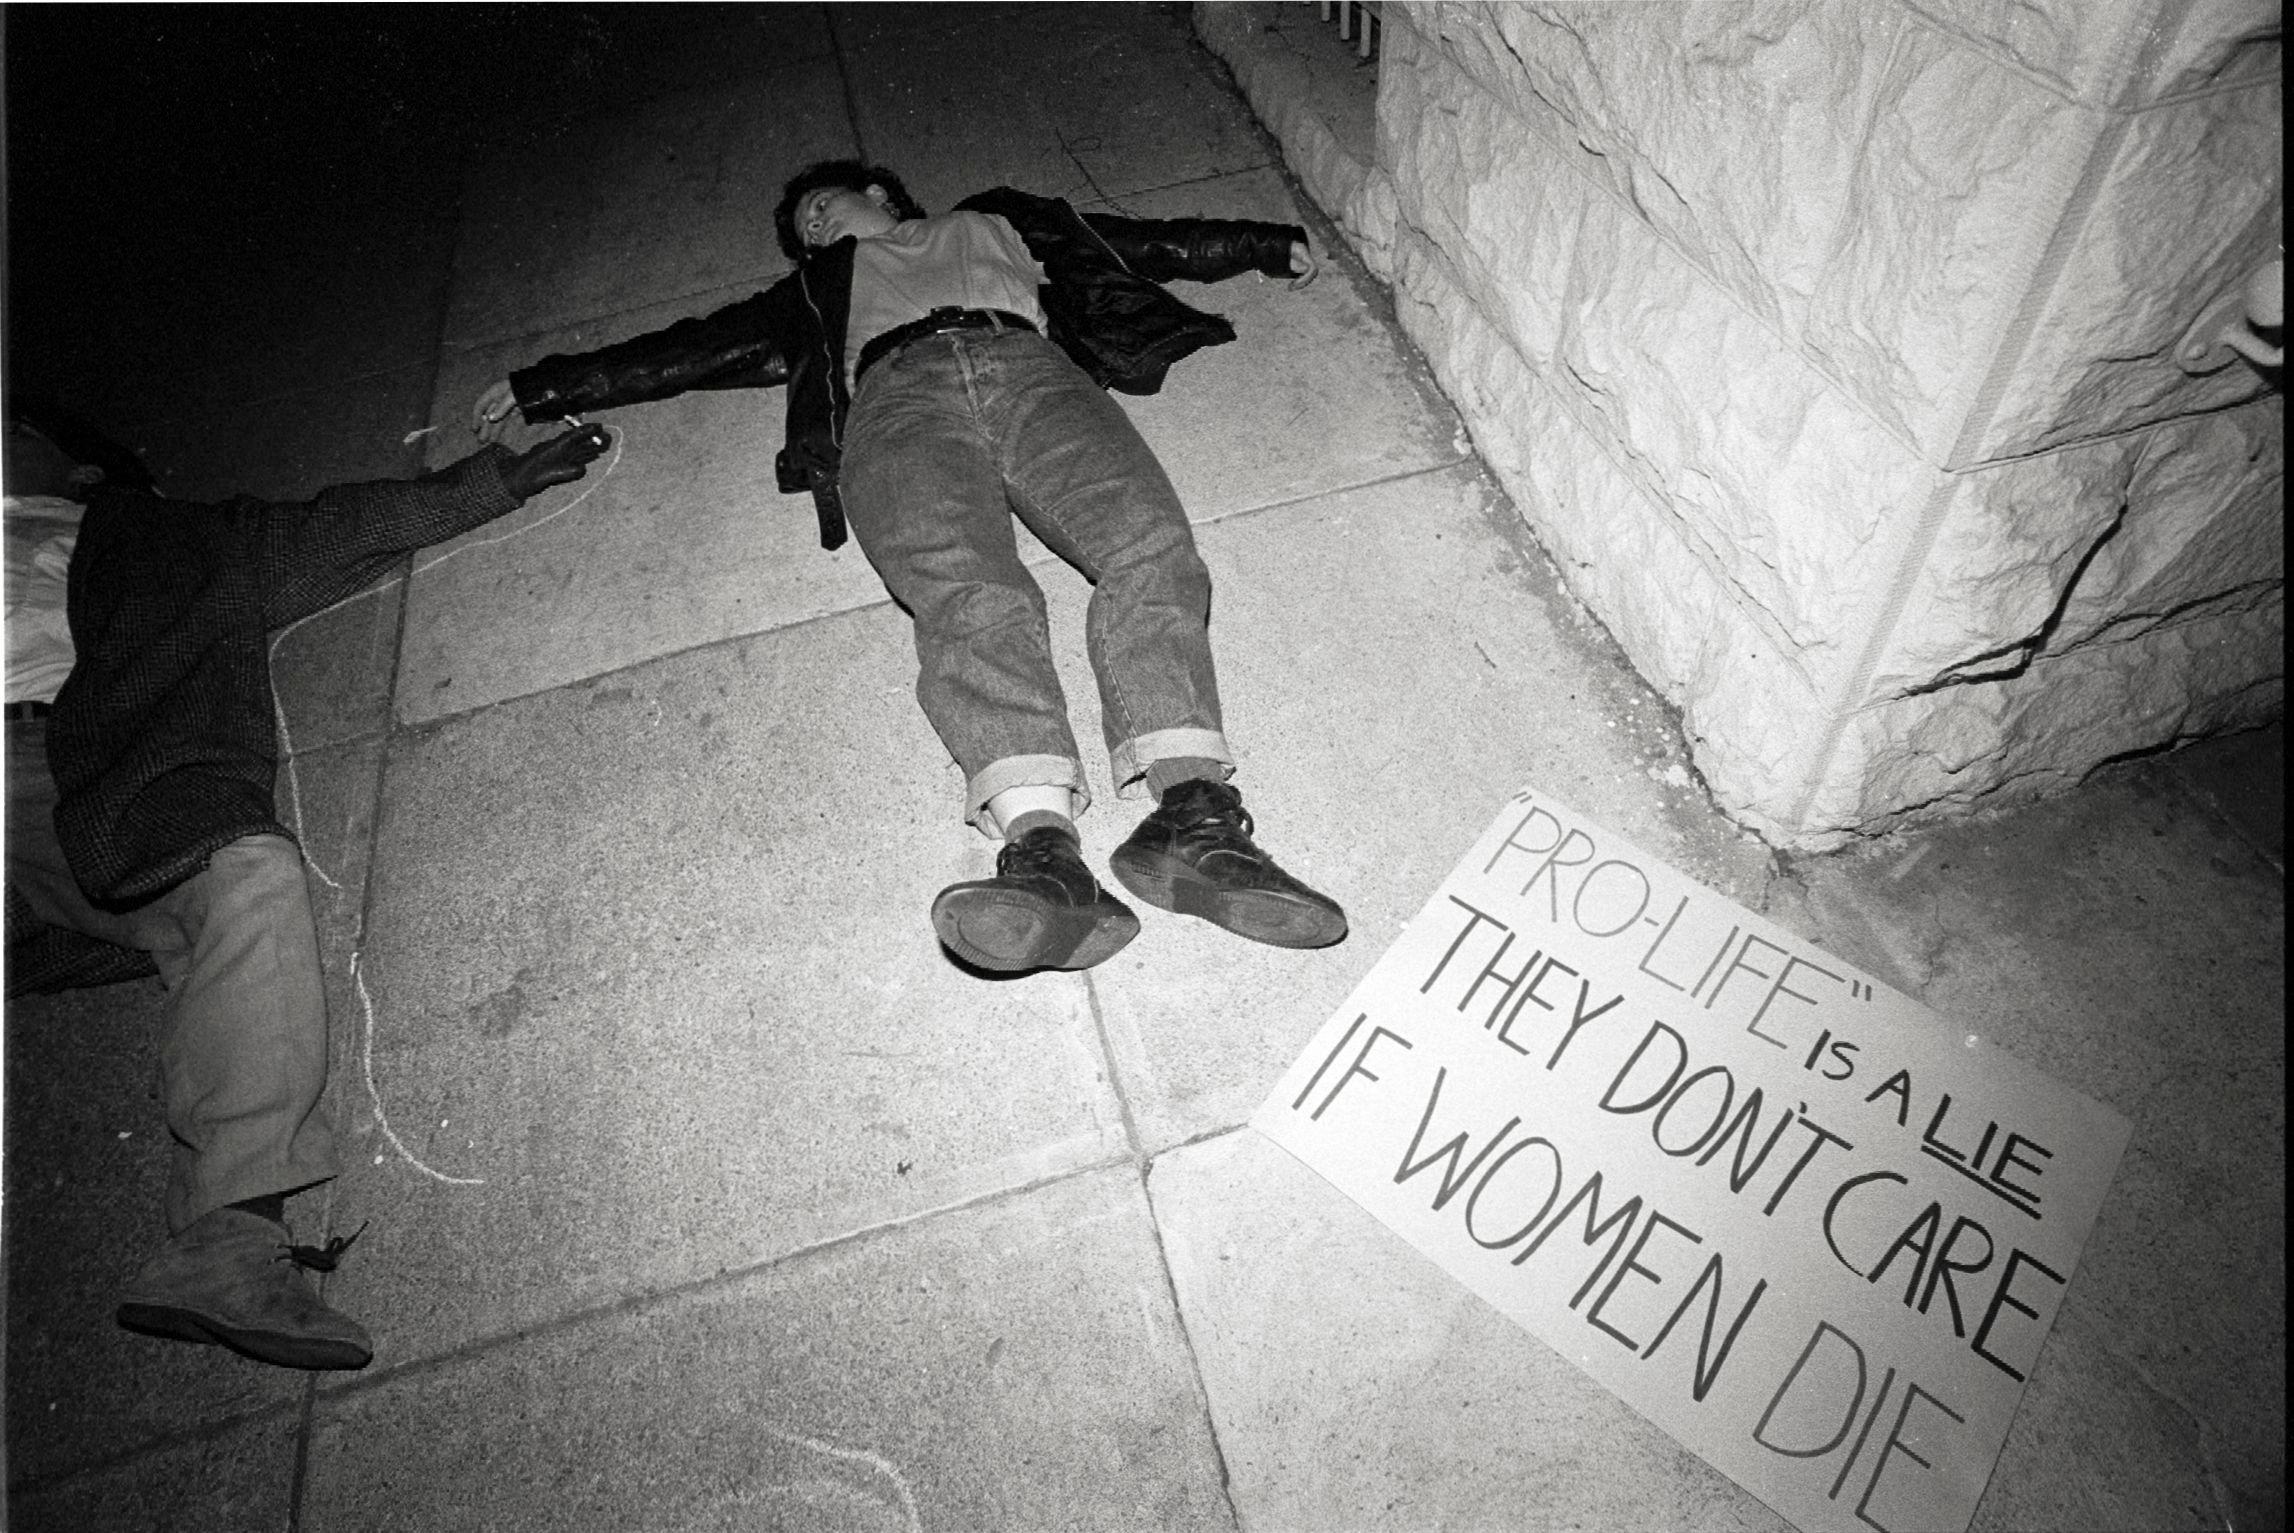 4_AbortionProtest37.jpg